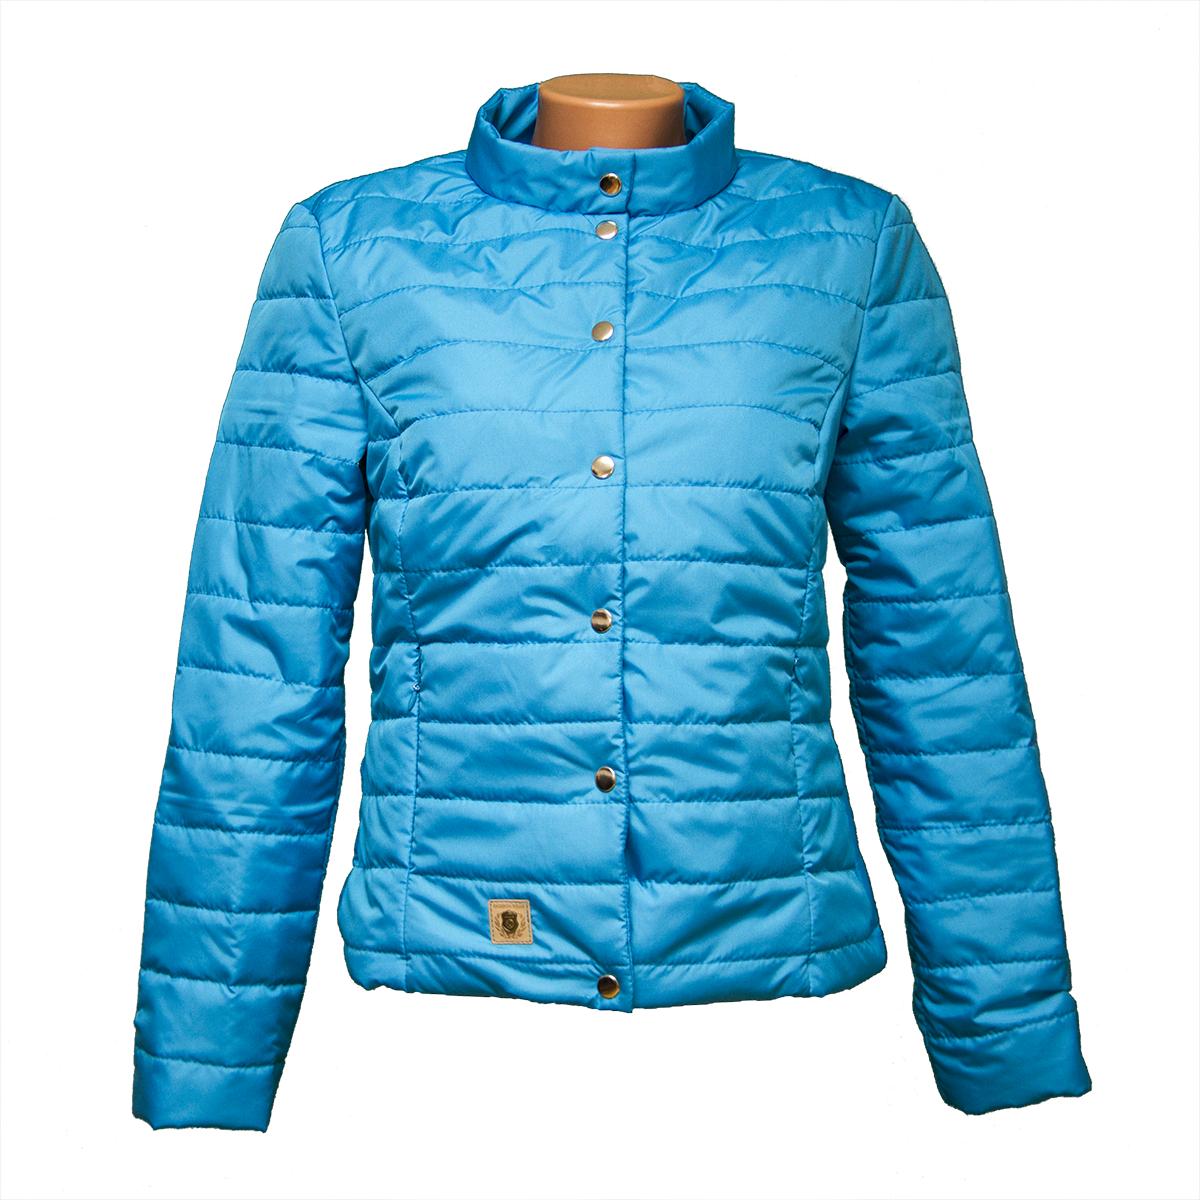 eacfe126ba3 Куртка женская весенняя производства Украина KD1375- - Оптово-розничный  интернет-магазин спортивной одежды